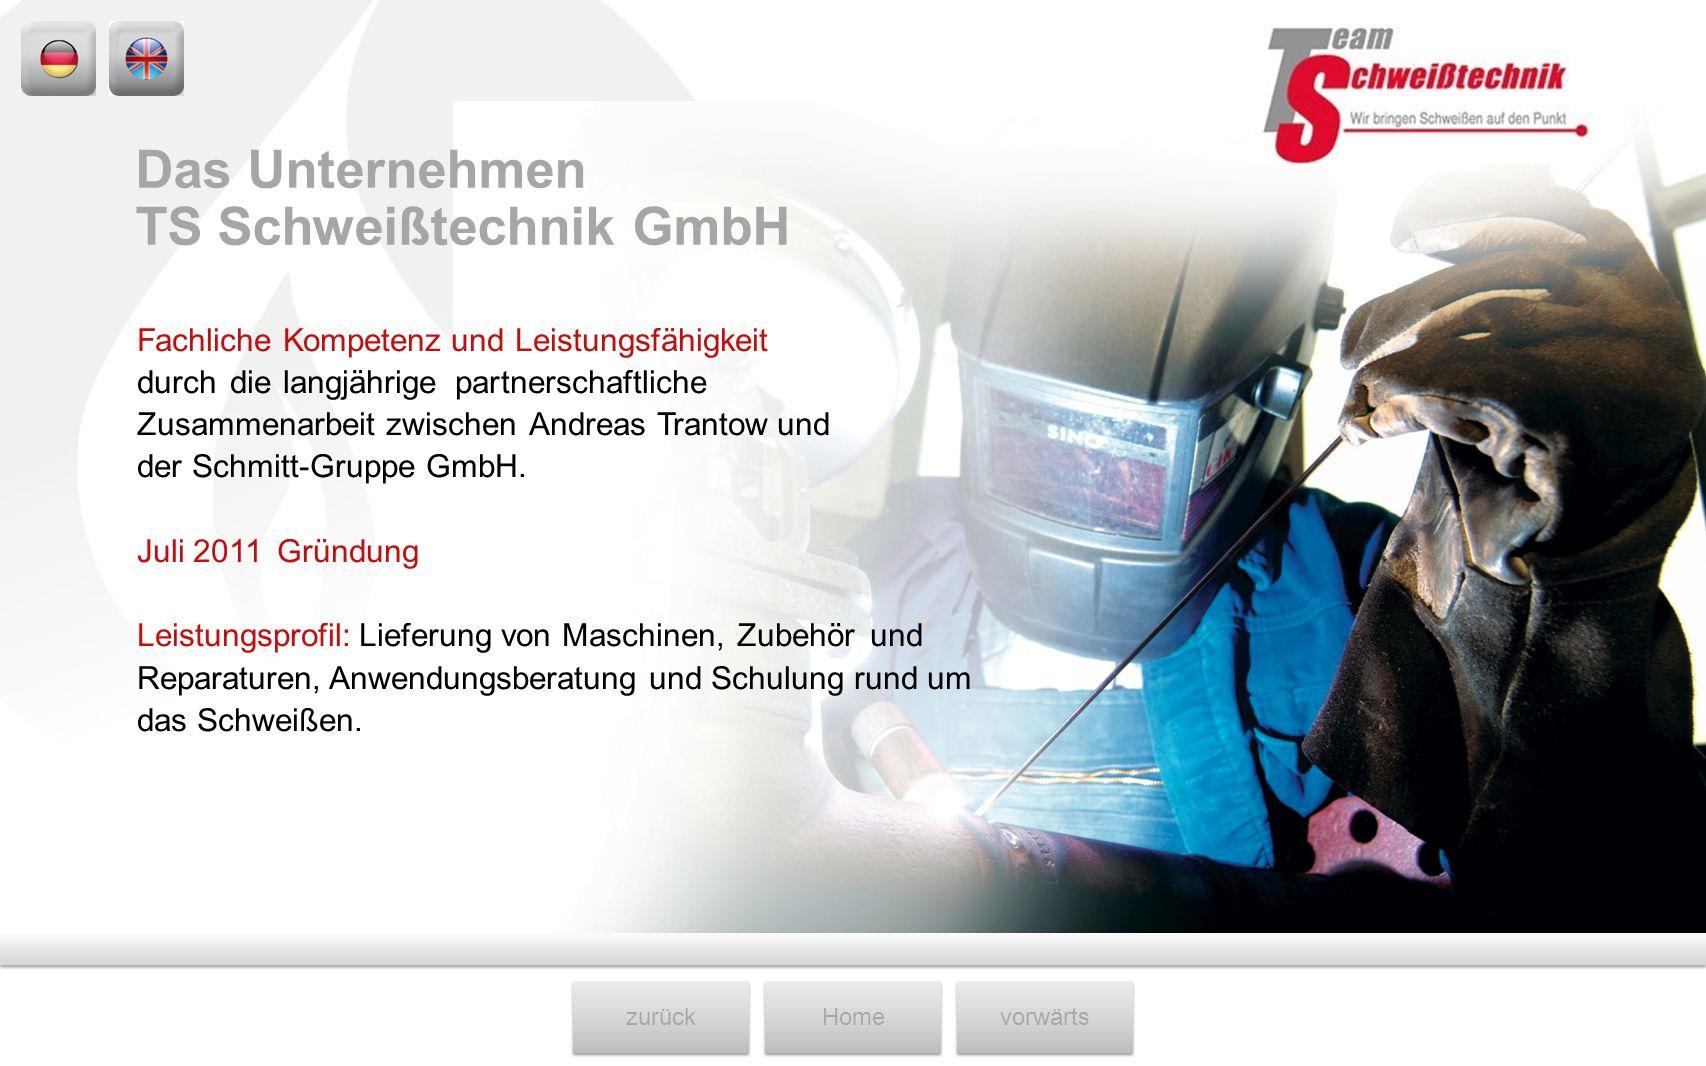 TS Schweißtechnik GmbH